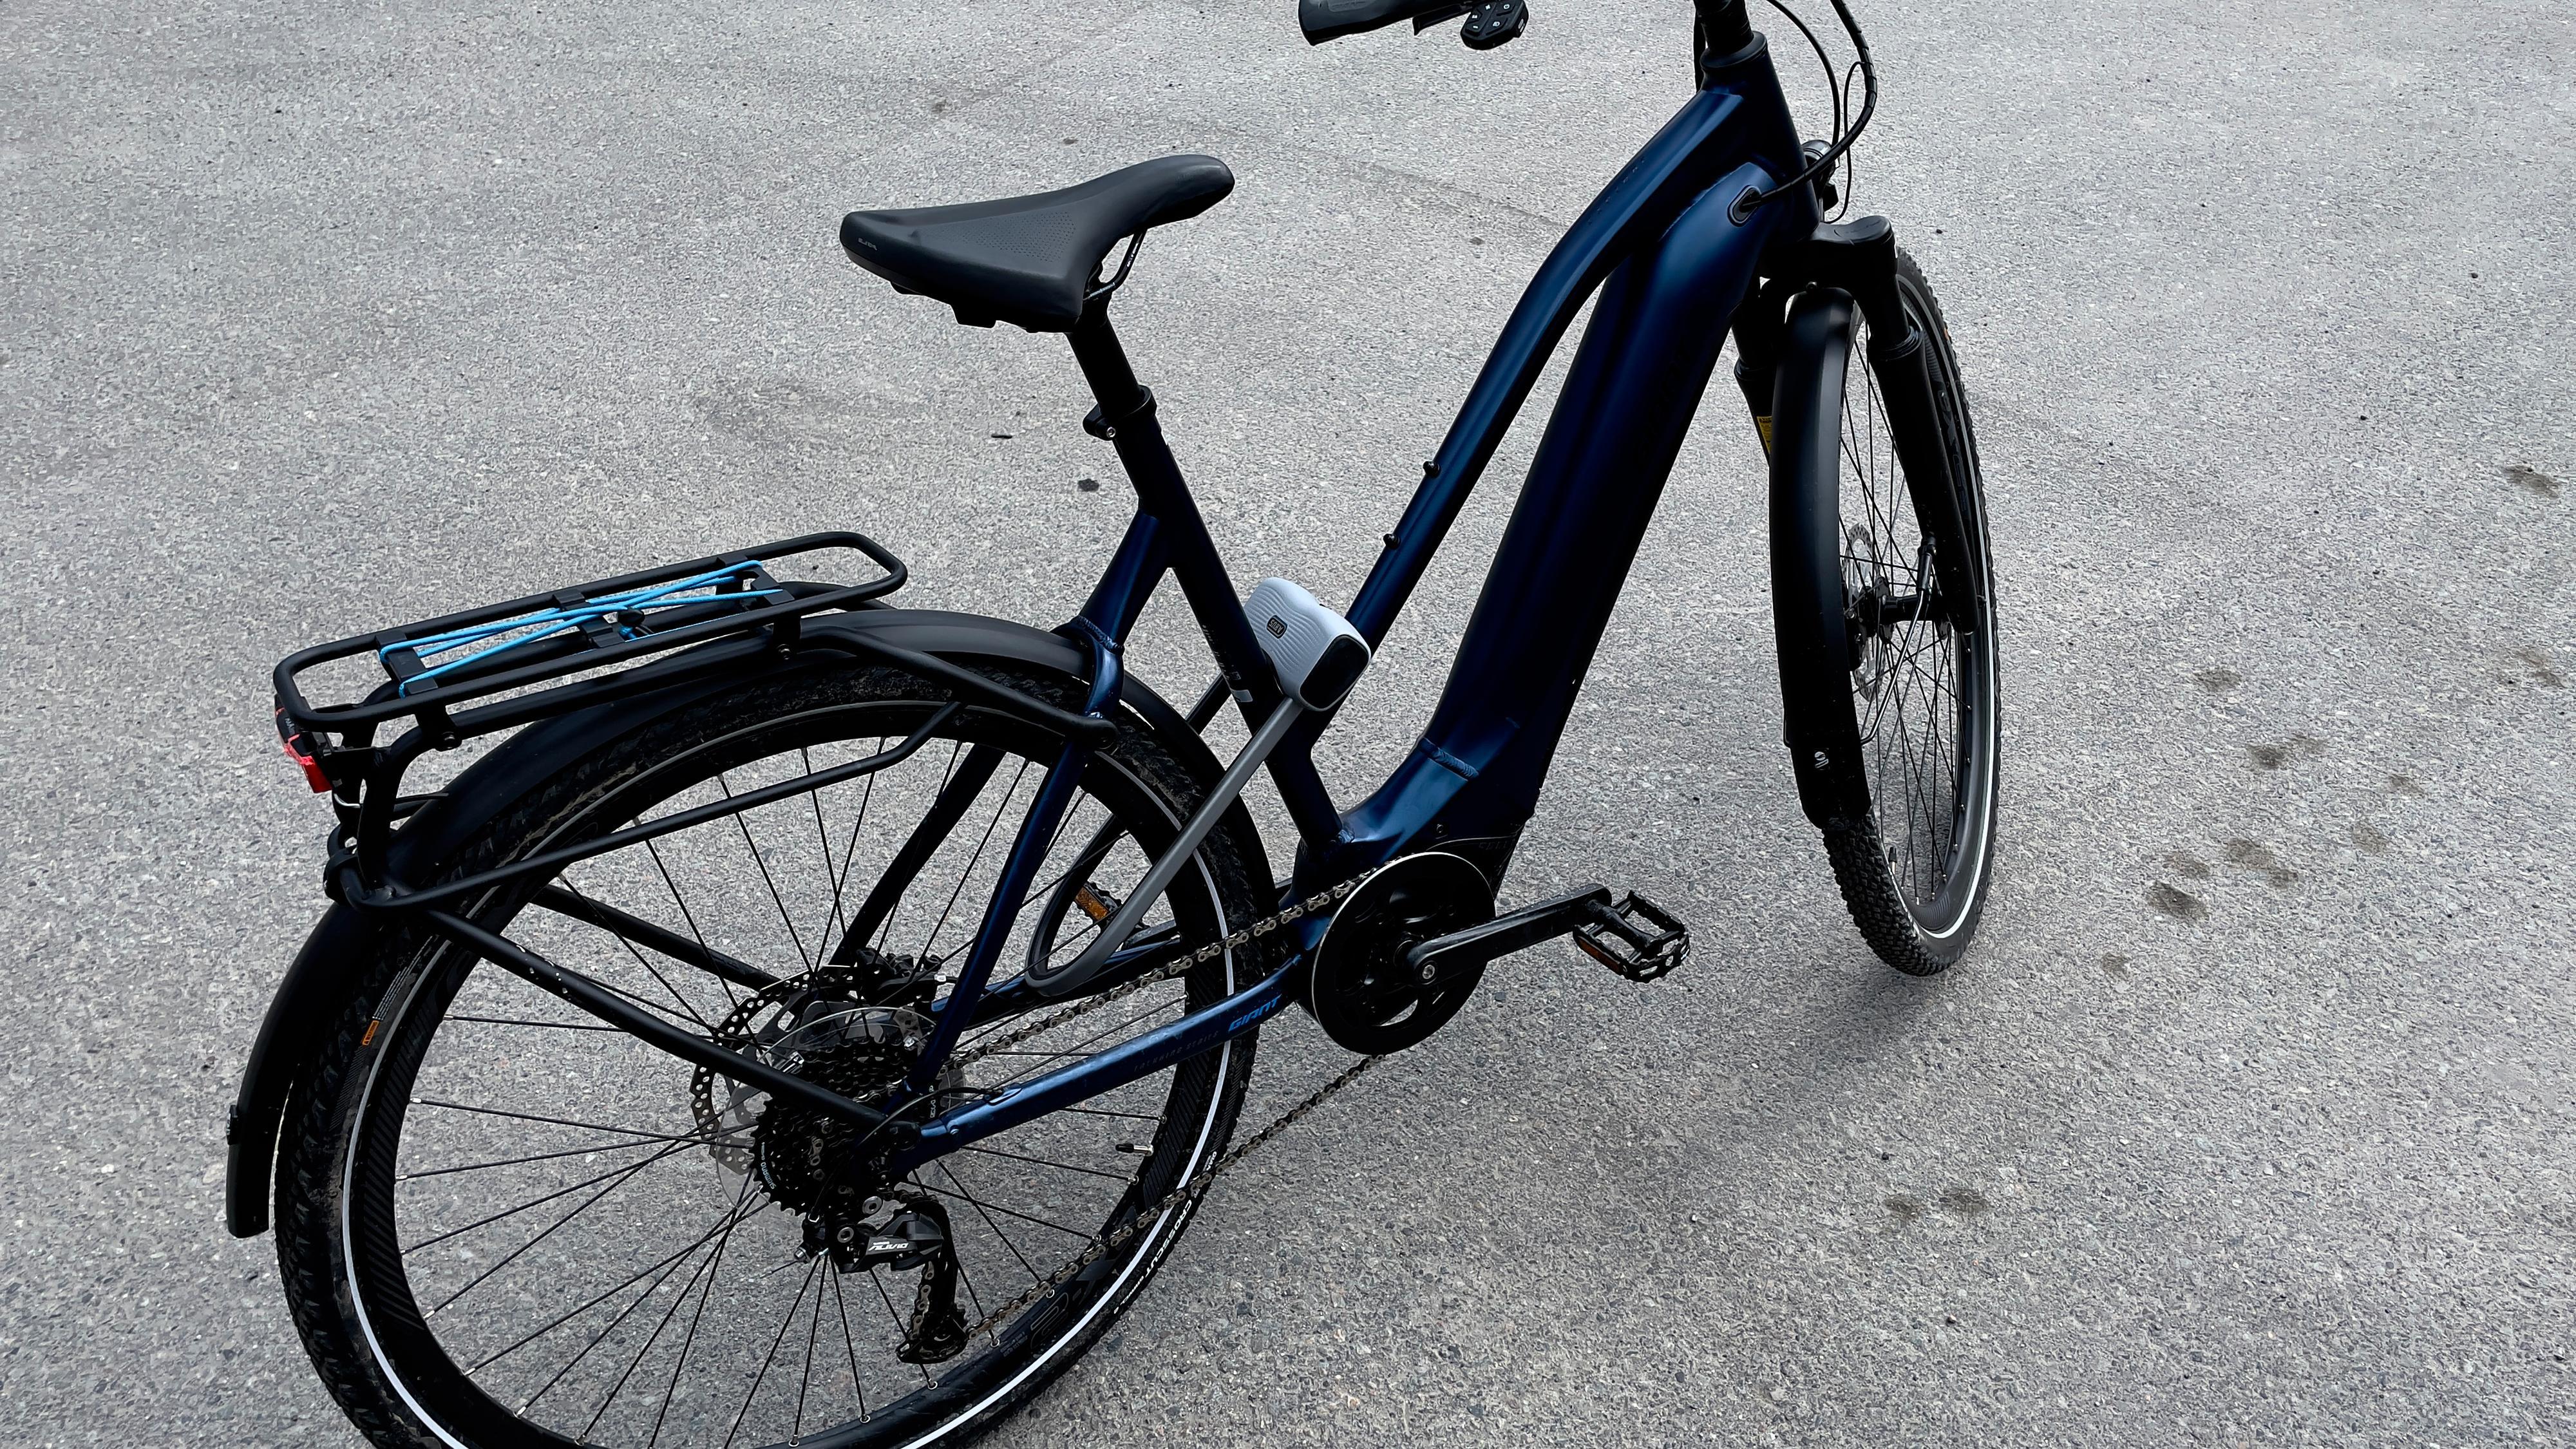 En lås på bare sykkelen er langt bedre enn ingen lås, men det er likevel mulig å bære med seg sykkelen.